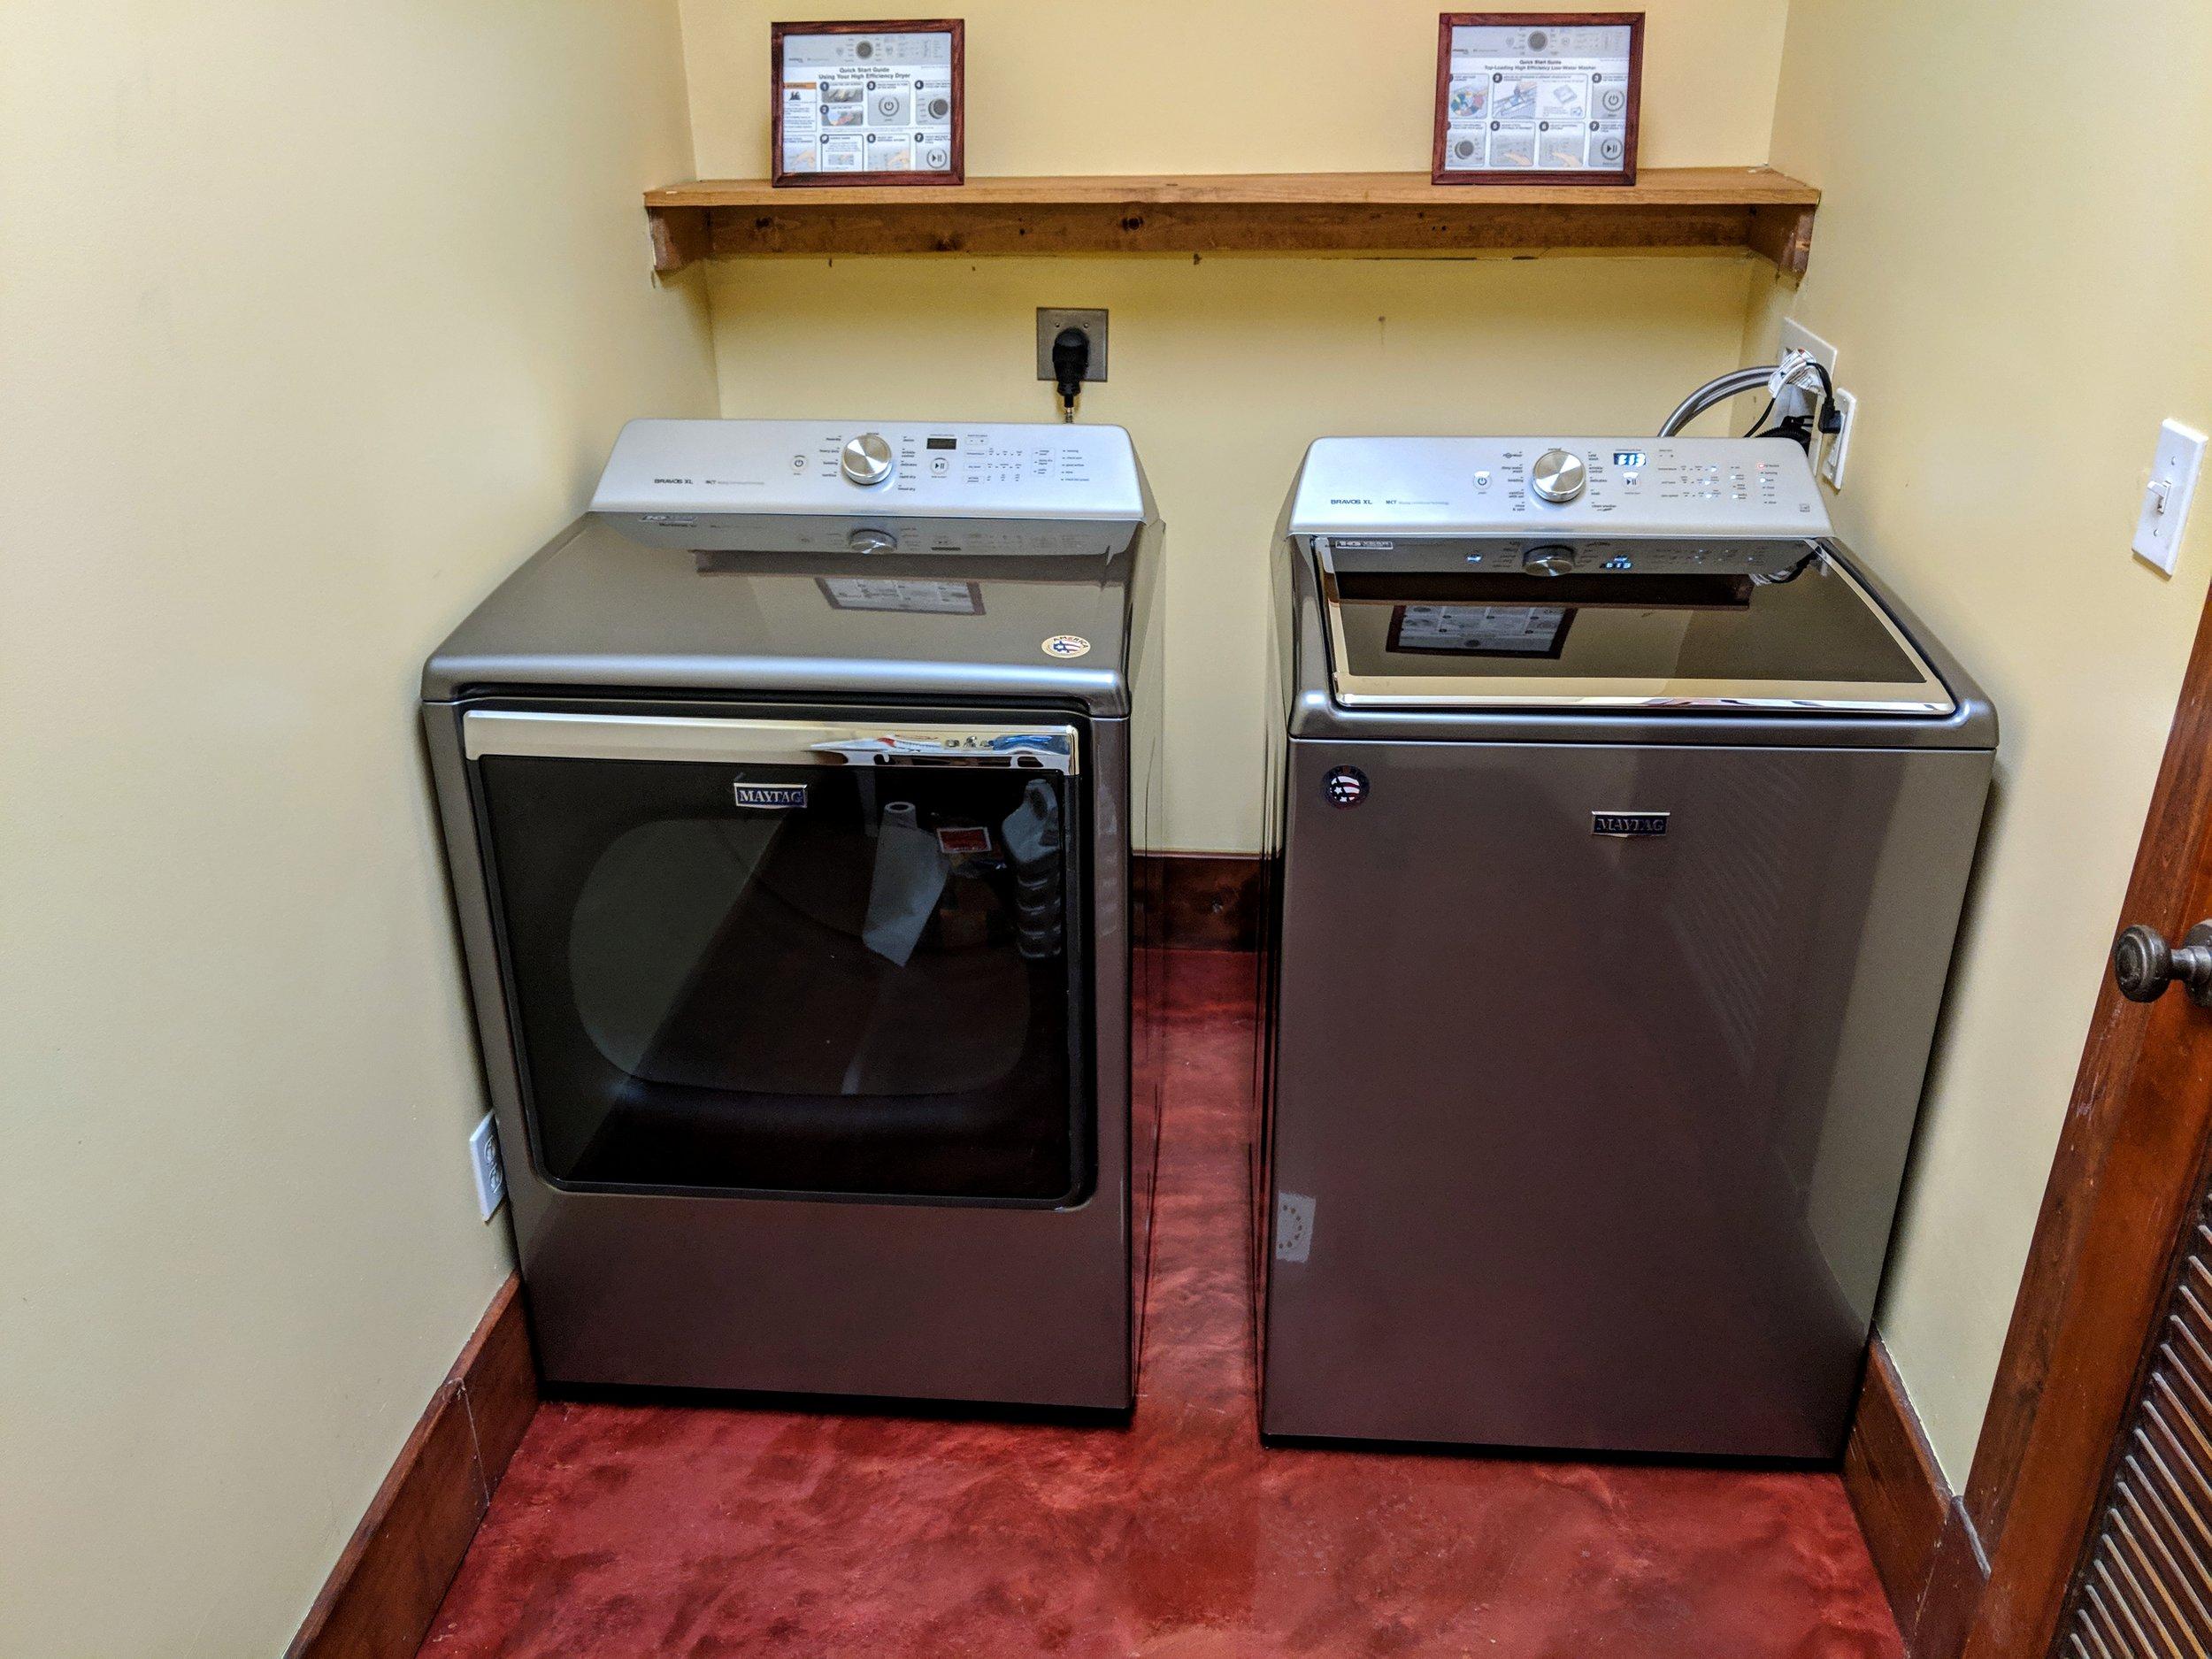 Large Capacity Washer/Dryer